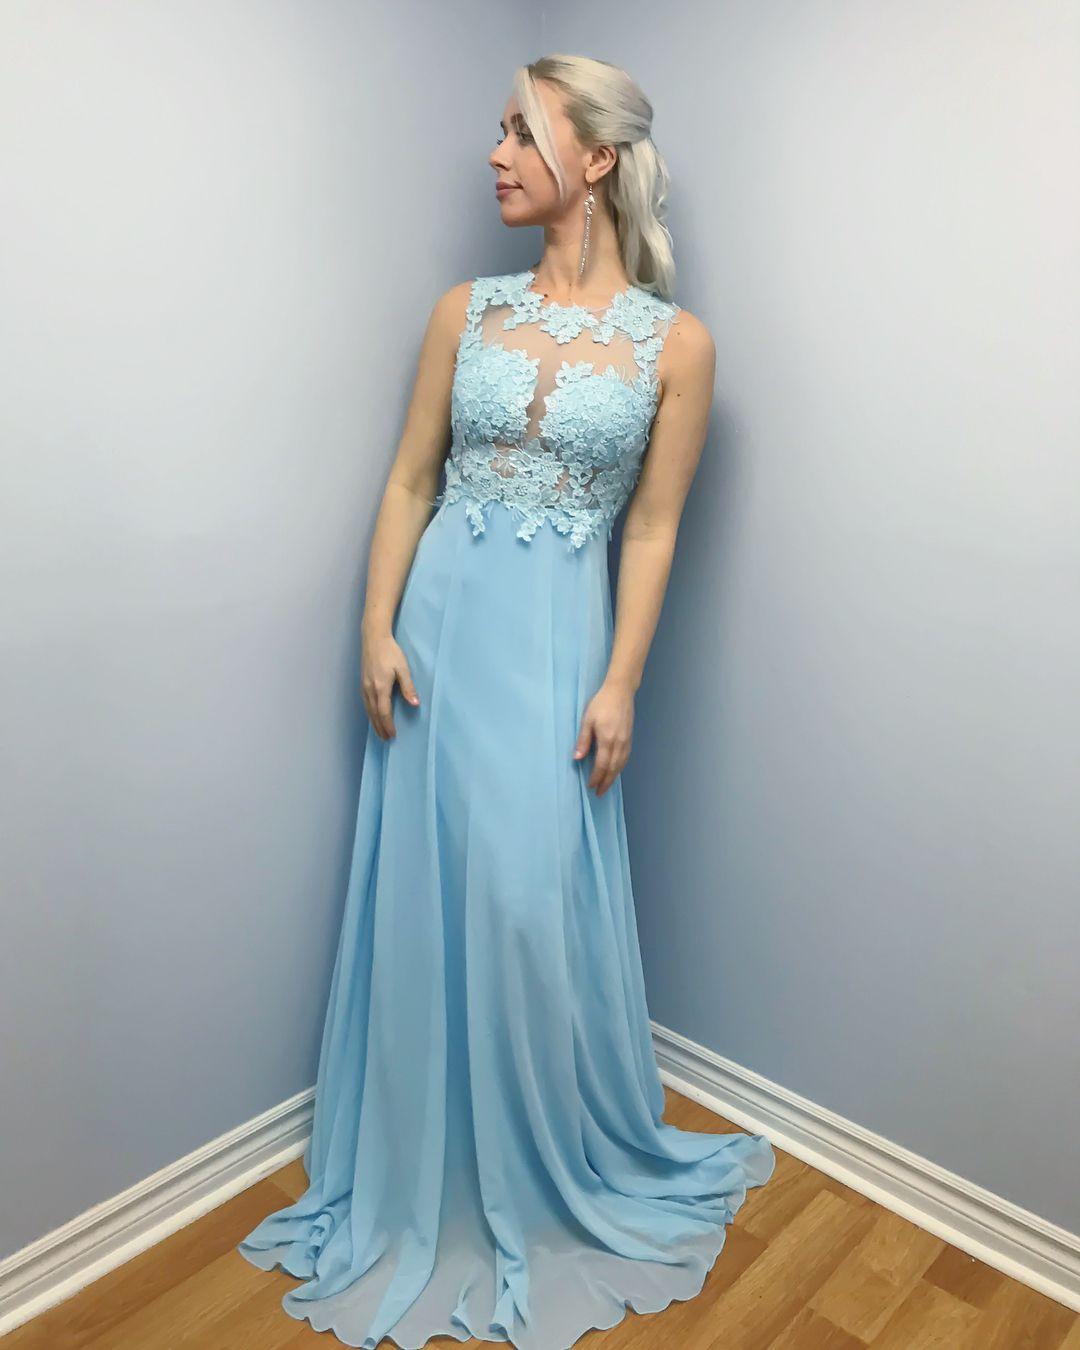 Großhandel Elegante Sky Blue Lange Abendkleider Mit Spitze Juwel Sleeveless  Mantel Abendkleider Chiffon Formale Frauen Besondere Anlässe Prom Kleider